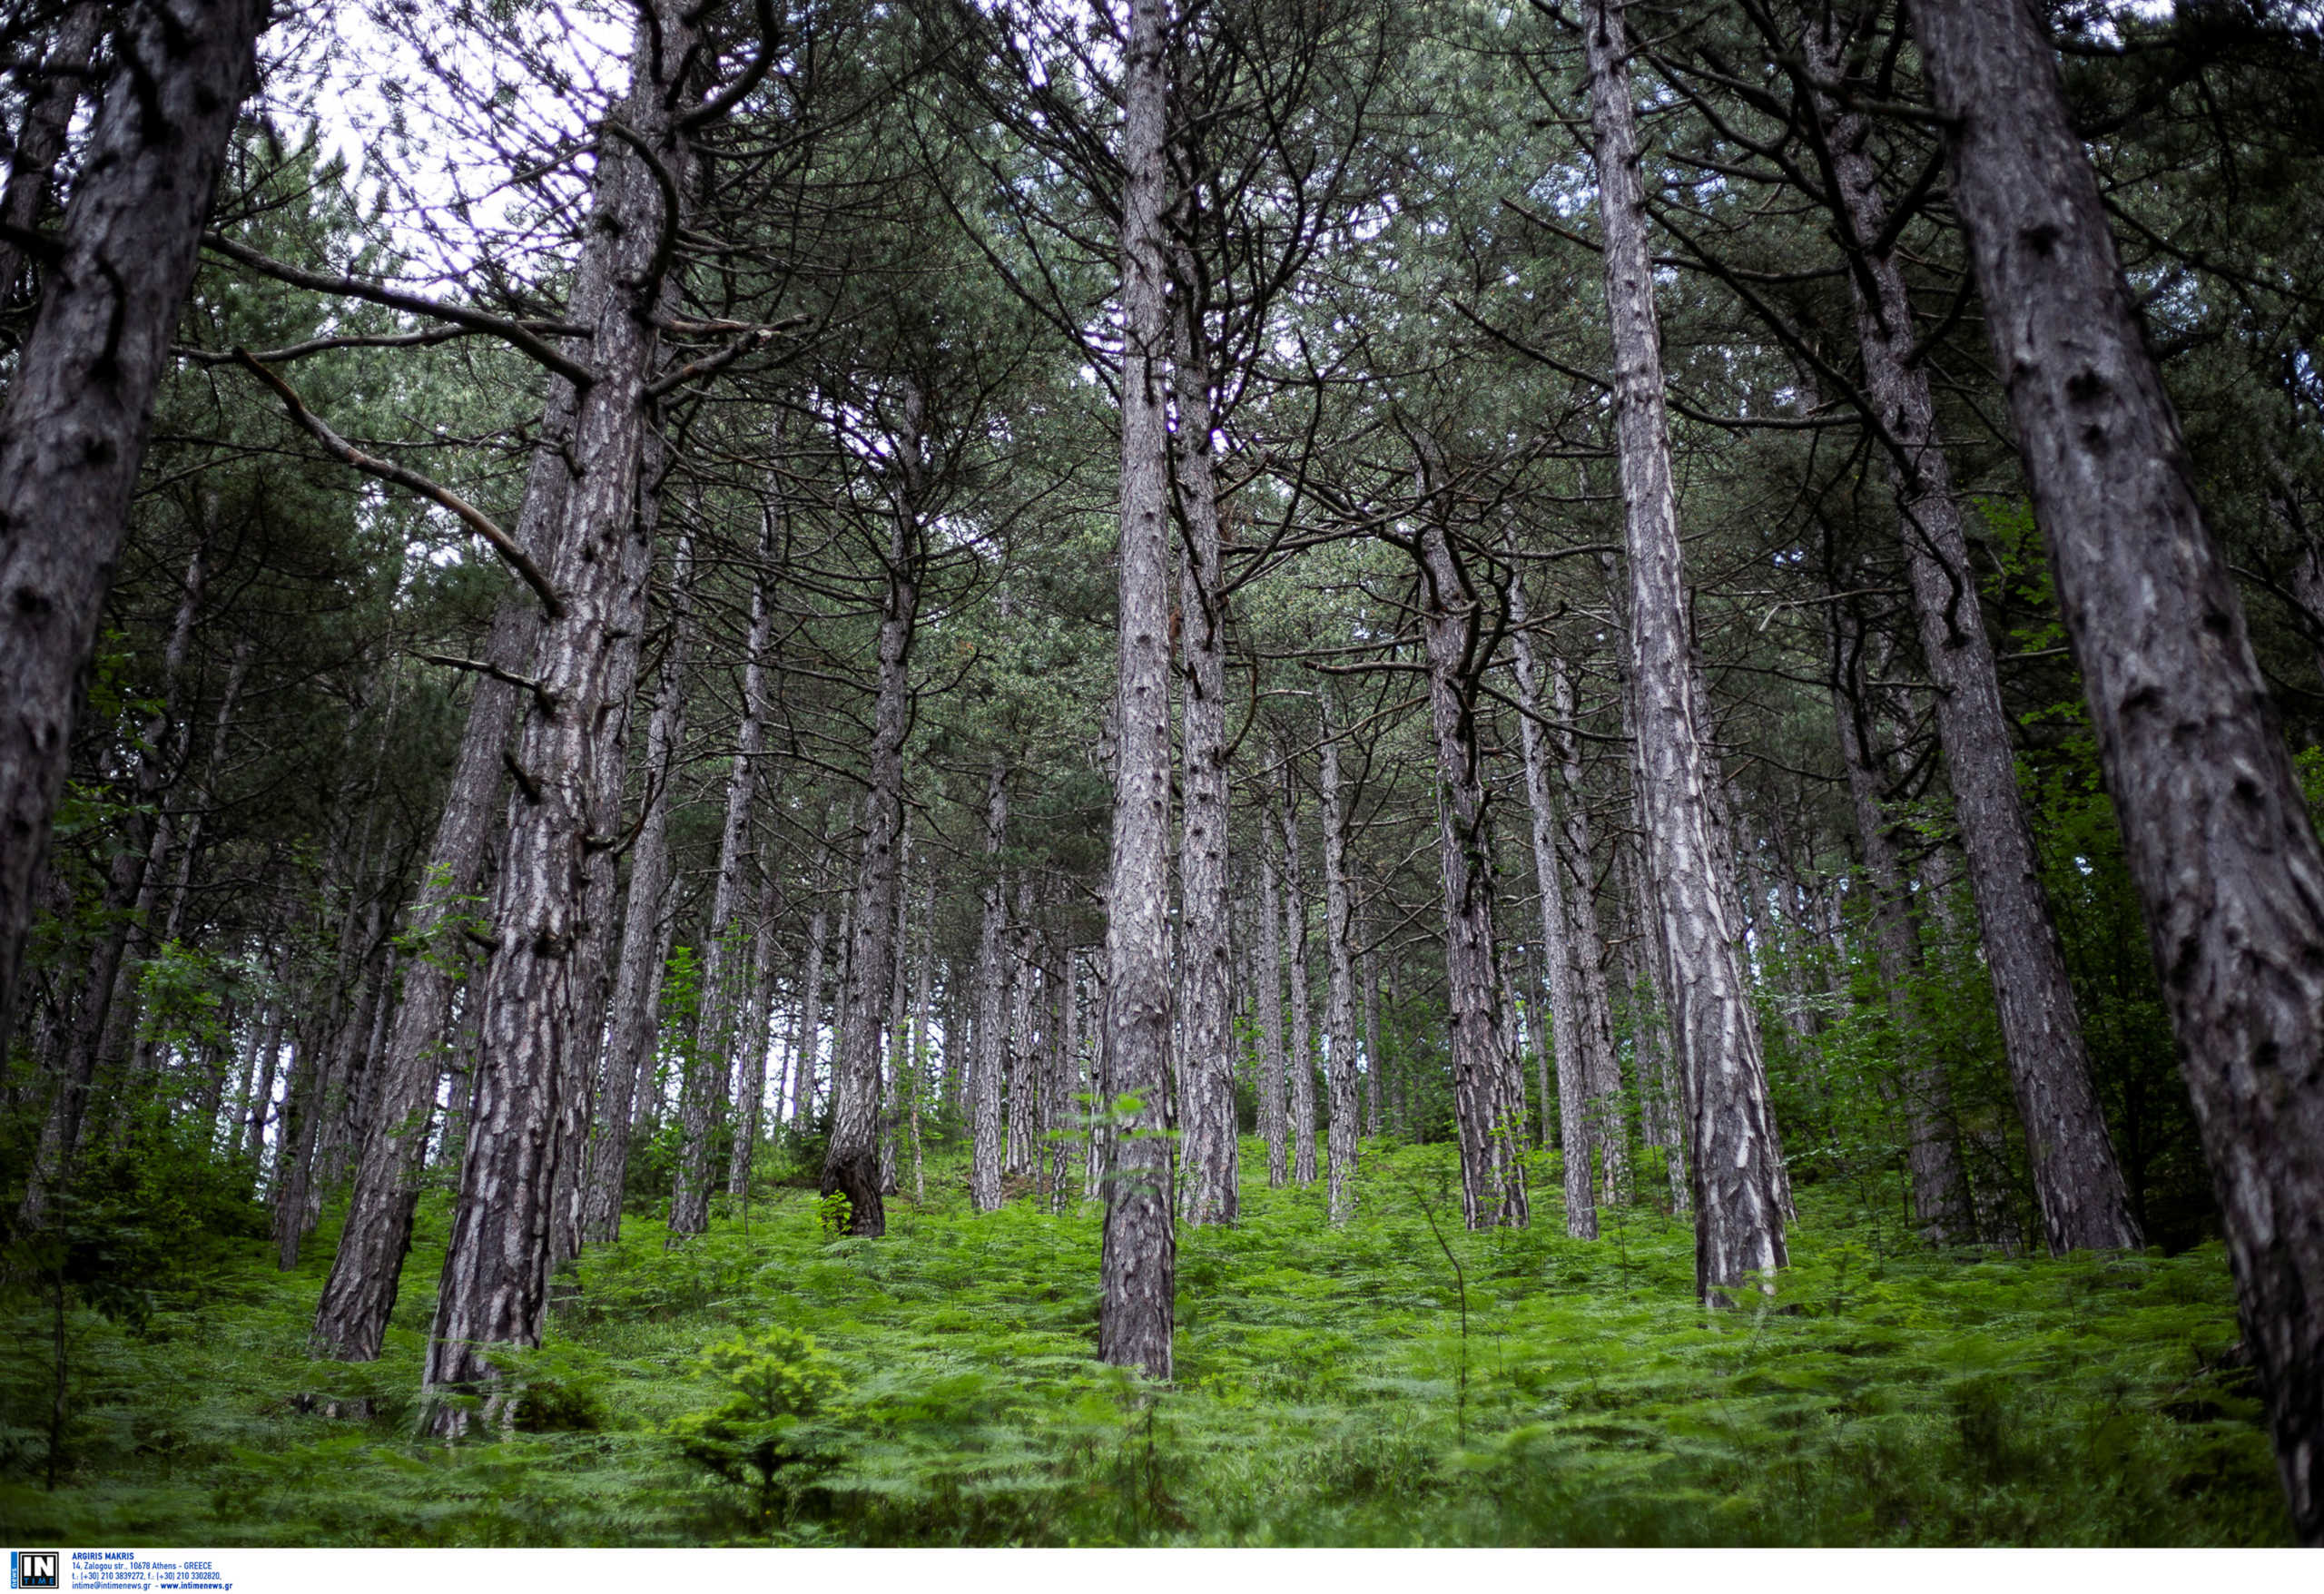 Τρίκαλα: Νεκρός άντρας στο δάσος Ρωποτού! Η αδιανόητη ατυχία που τερμάτισε τη ζωή του